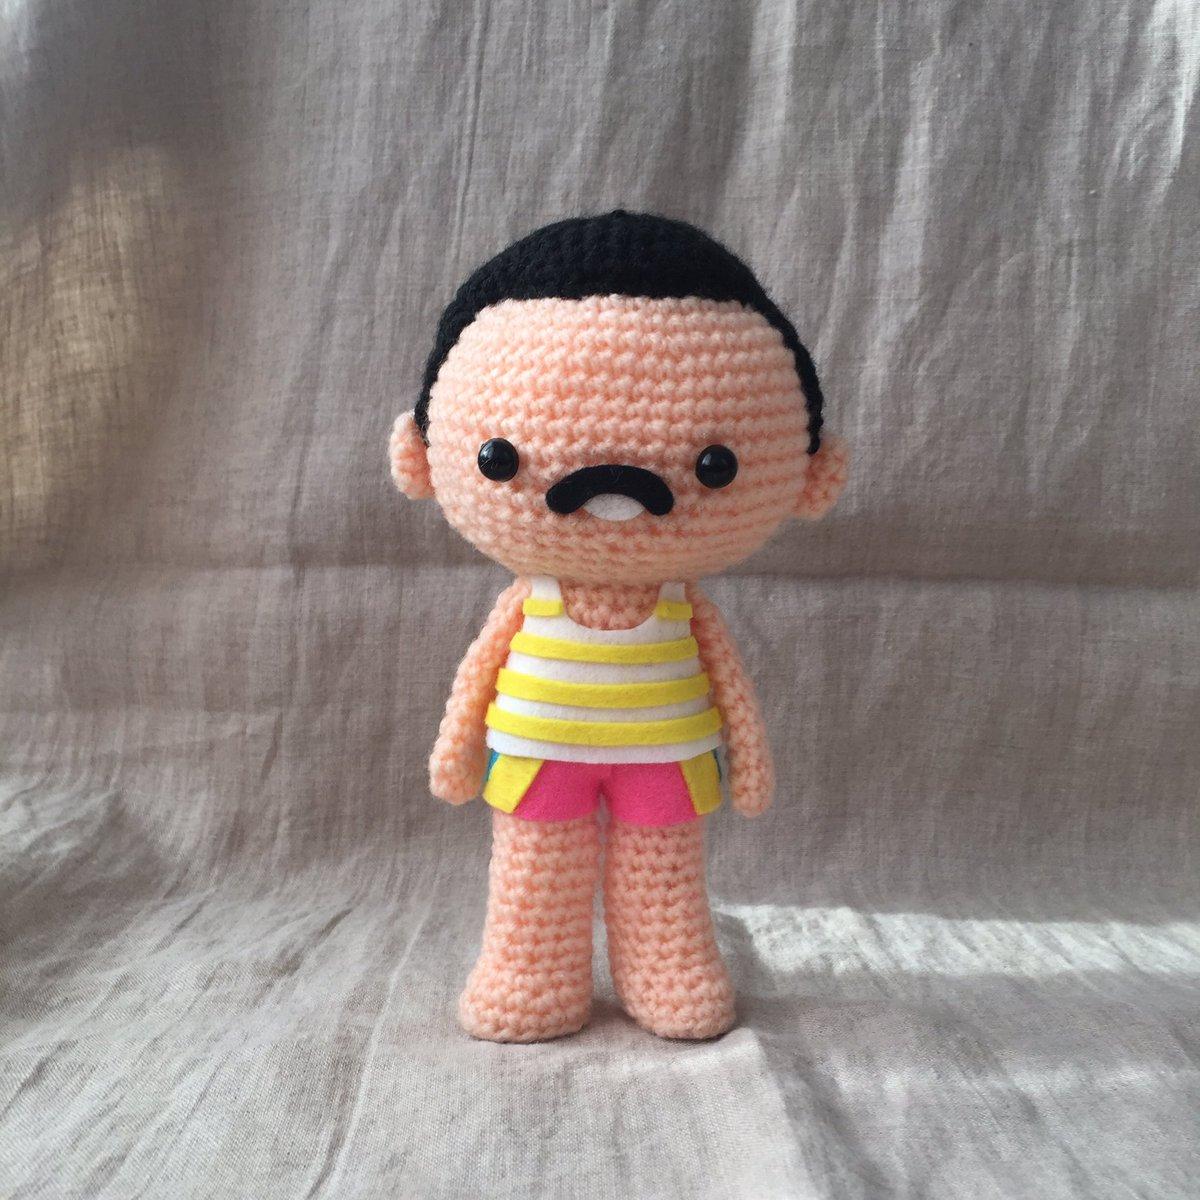 She Crocheted a Freddie Mercury in Pink Shorts Amigurumi ... So Cute!